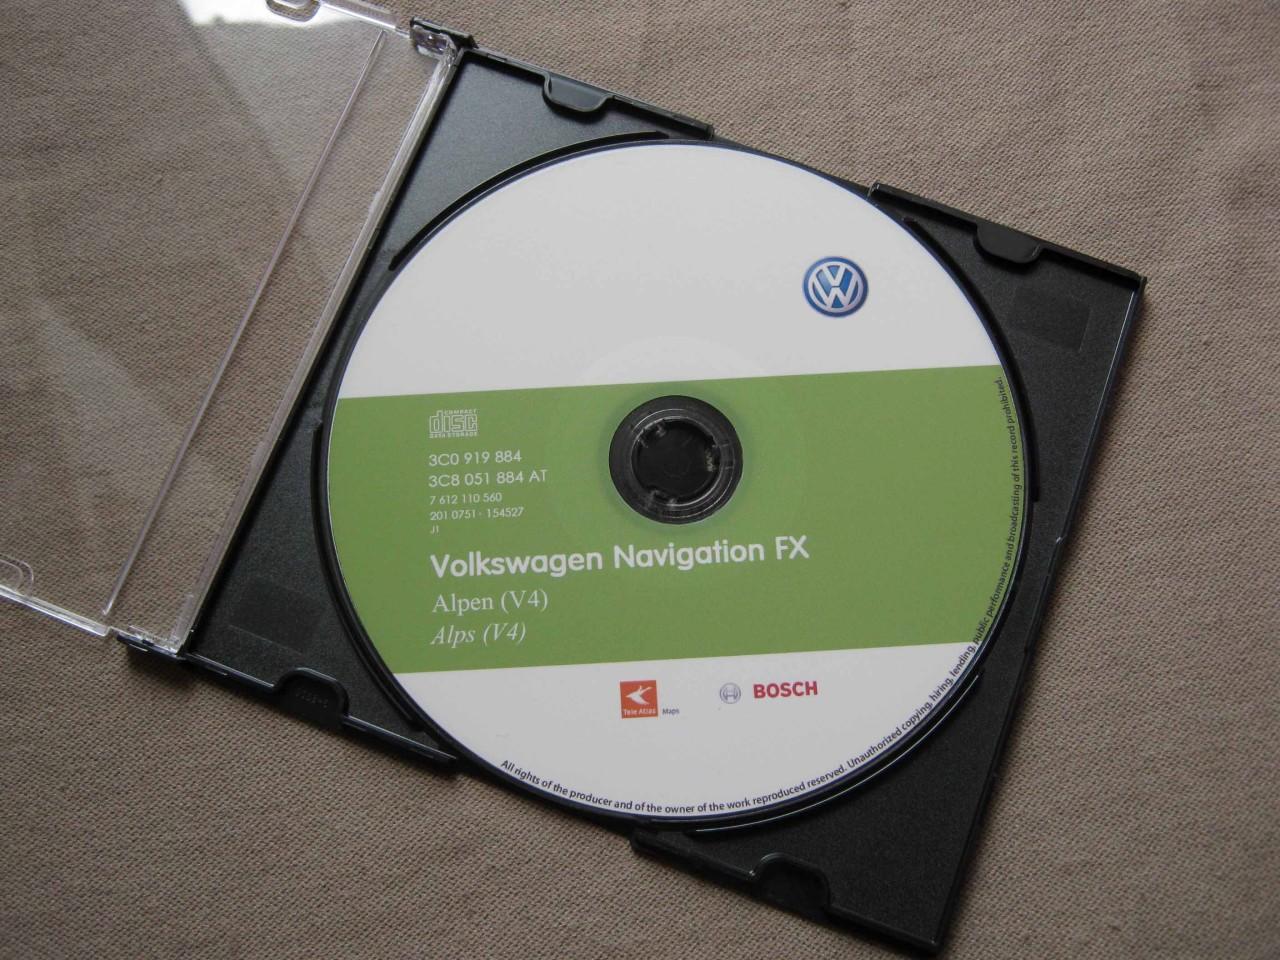 rns310 vw skoda seat navigation cd alpen v4 2012 rns 310. Black Bedroom Furniture Sets. Home Design Ideas